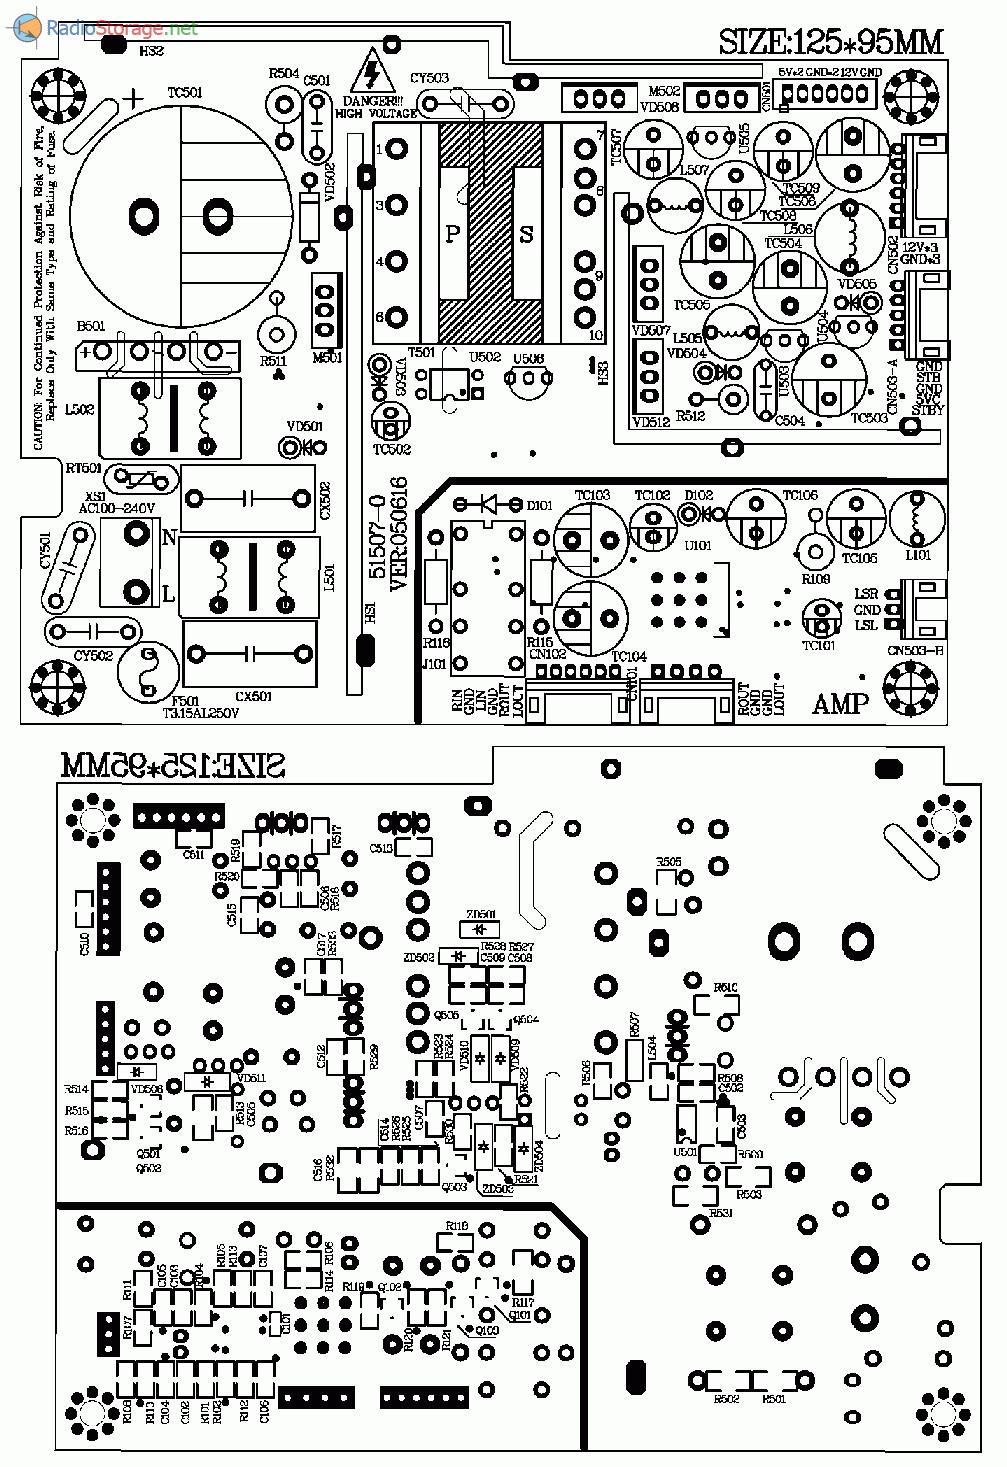 нужна электрическая схема ввк smp132hdt2